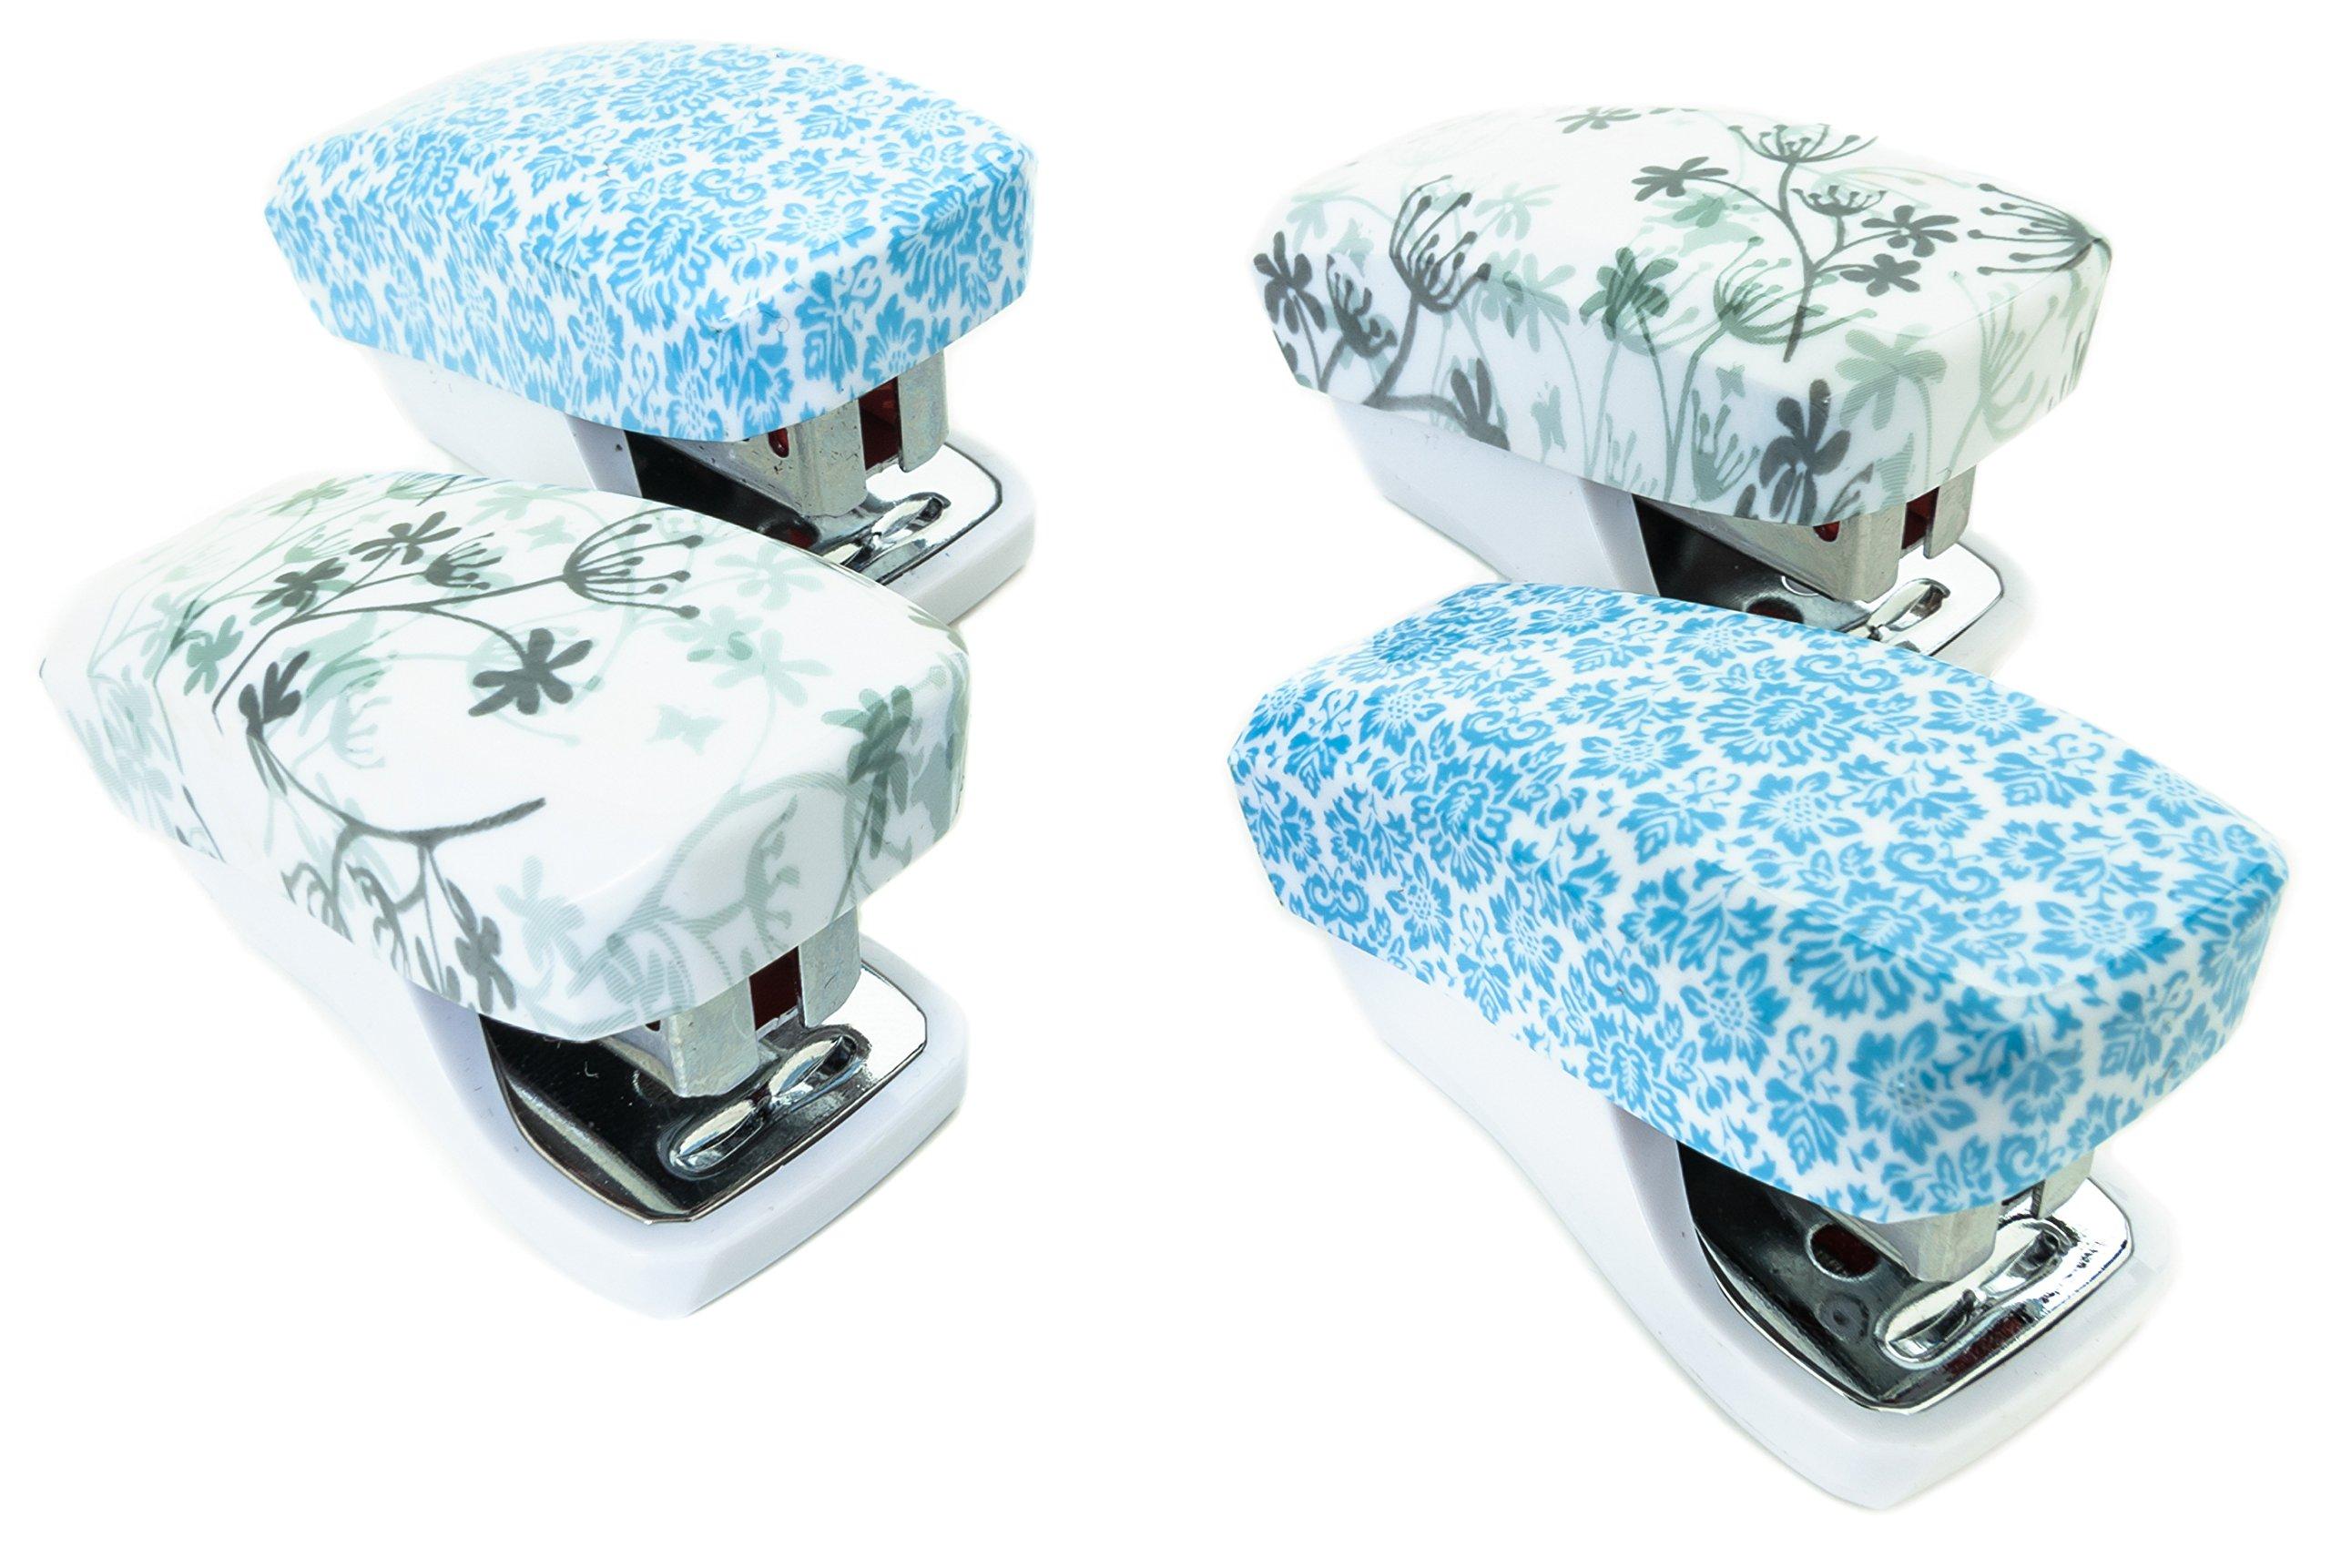 PraxxisPro Stapler Set, Mini Staplers, Built-In Staple Remover, Set of 4 (Bluebell, Dandelion Print)